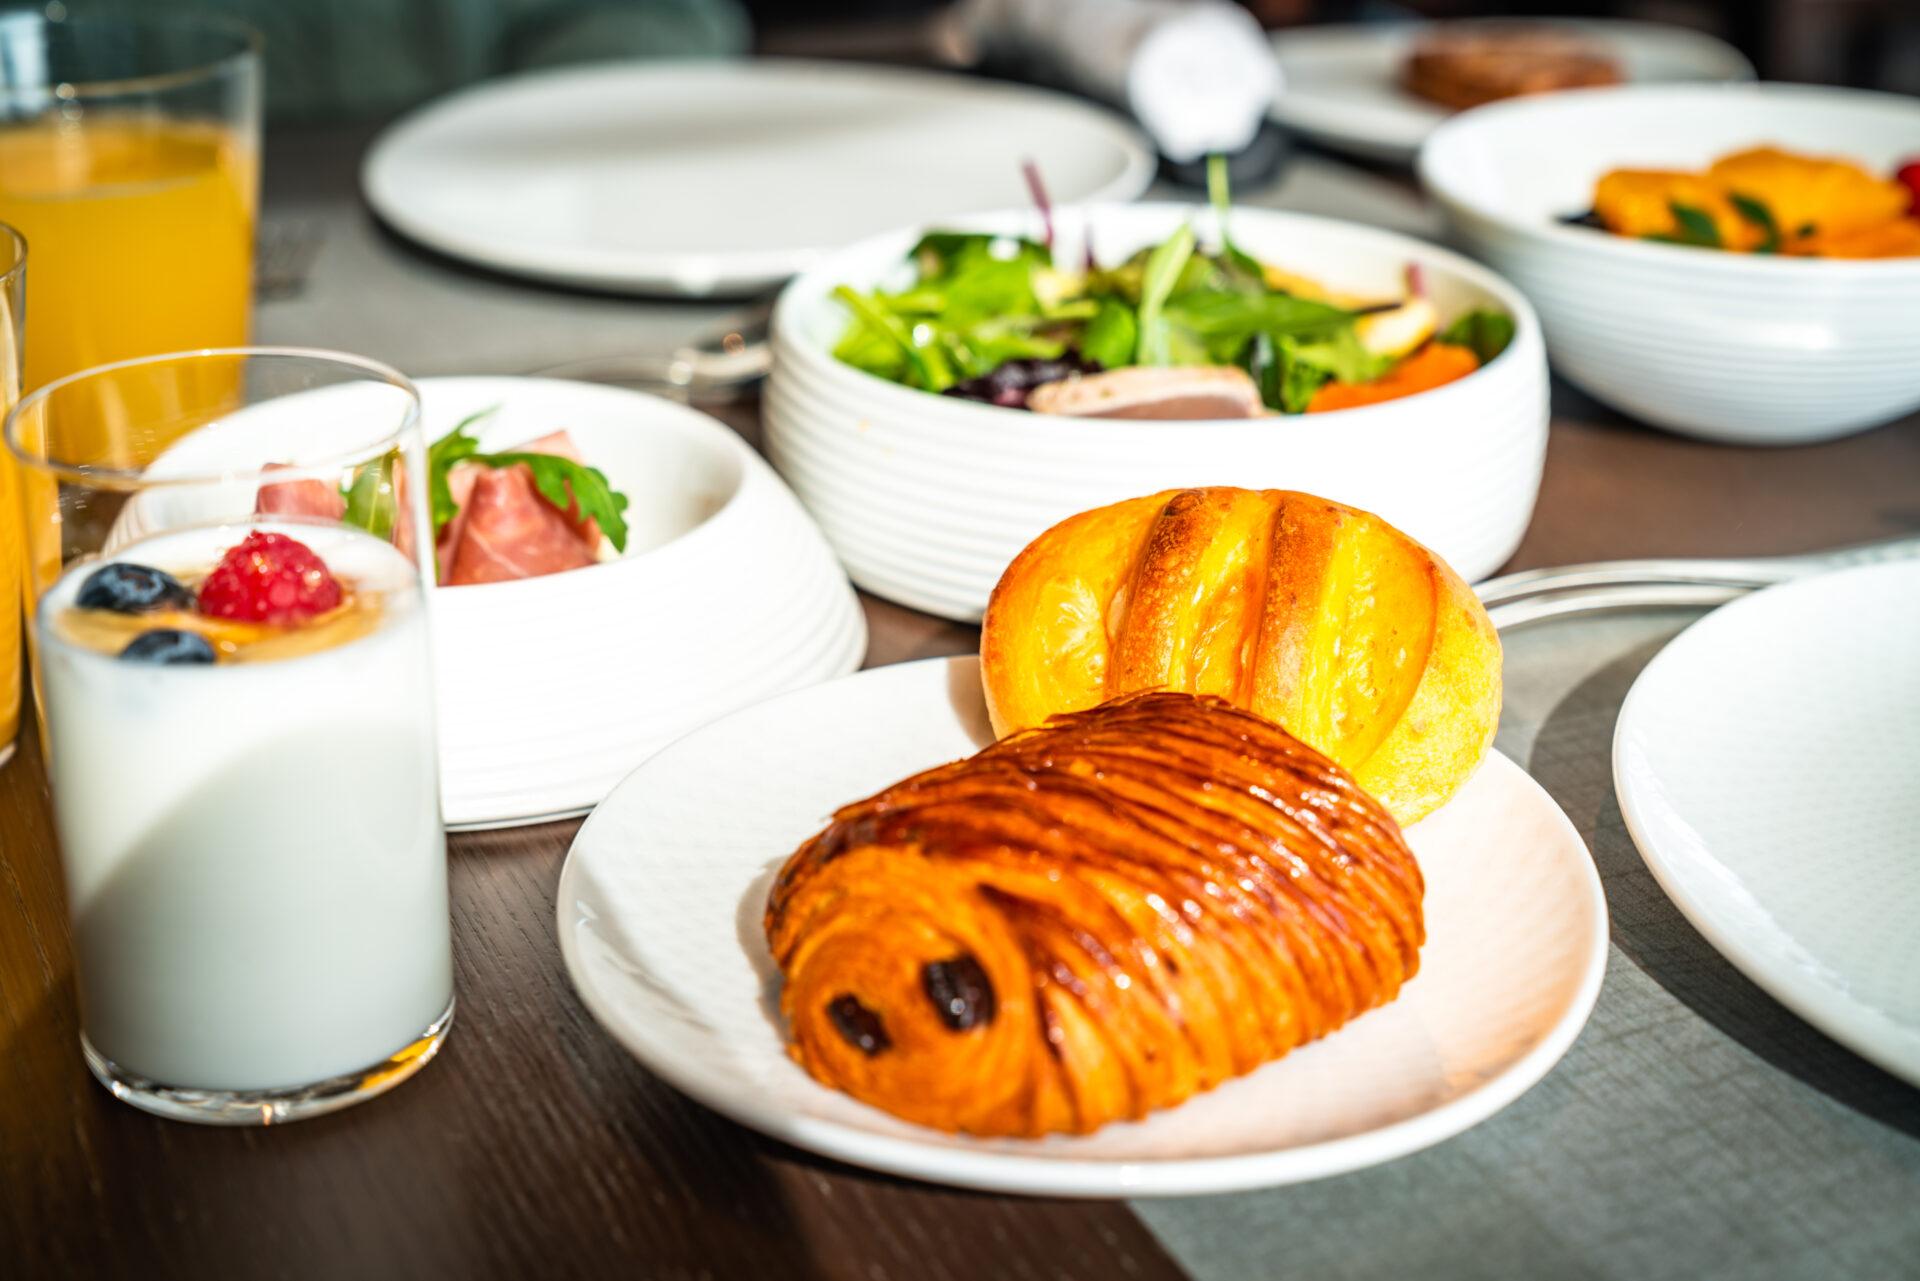 ザ リッツ カールトン東京の朝食 パン